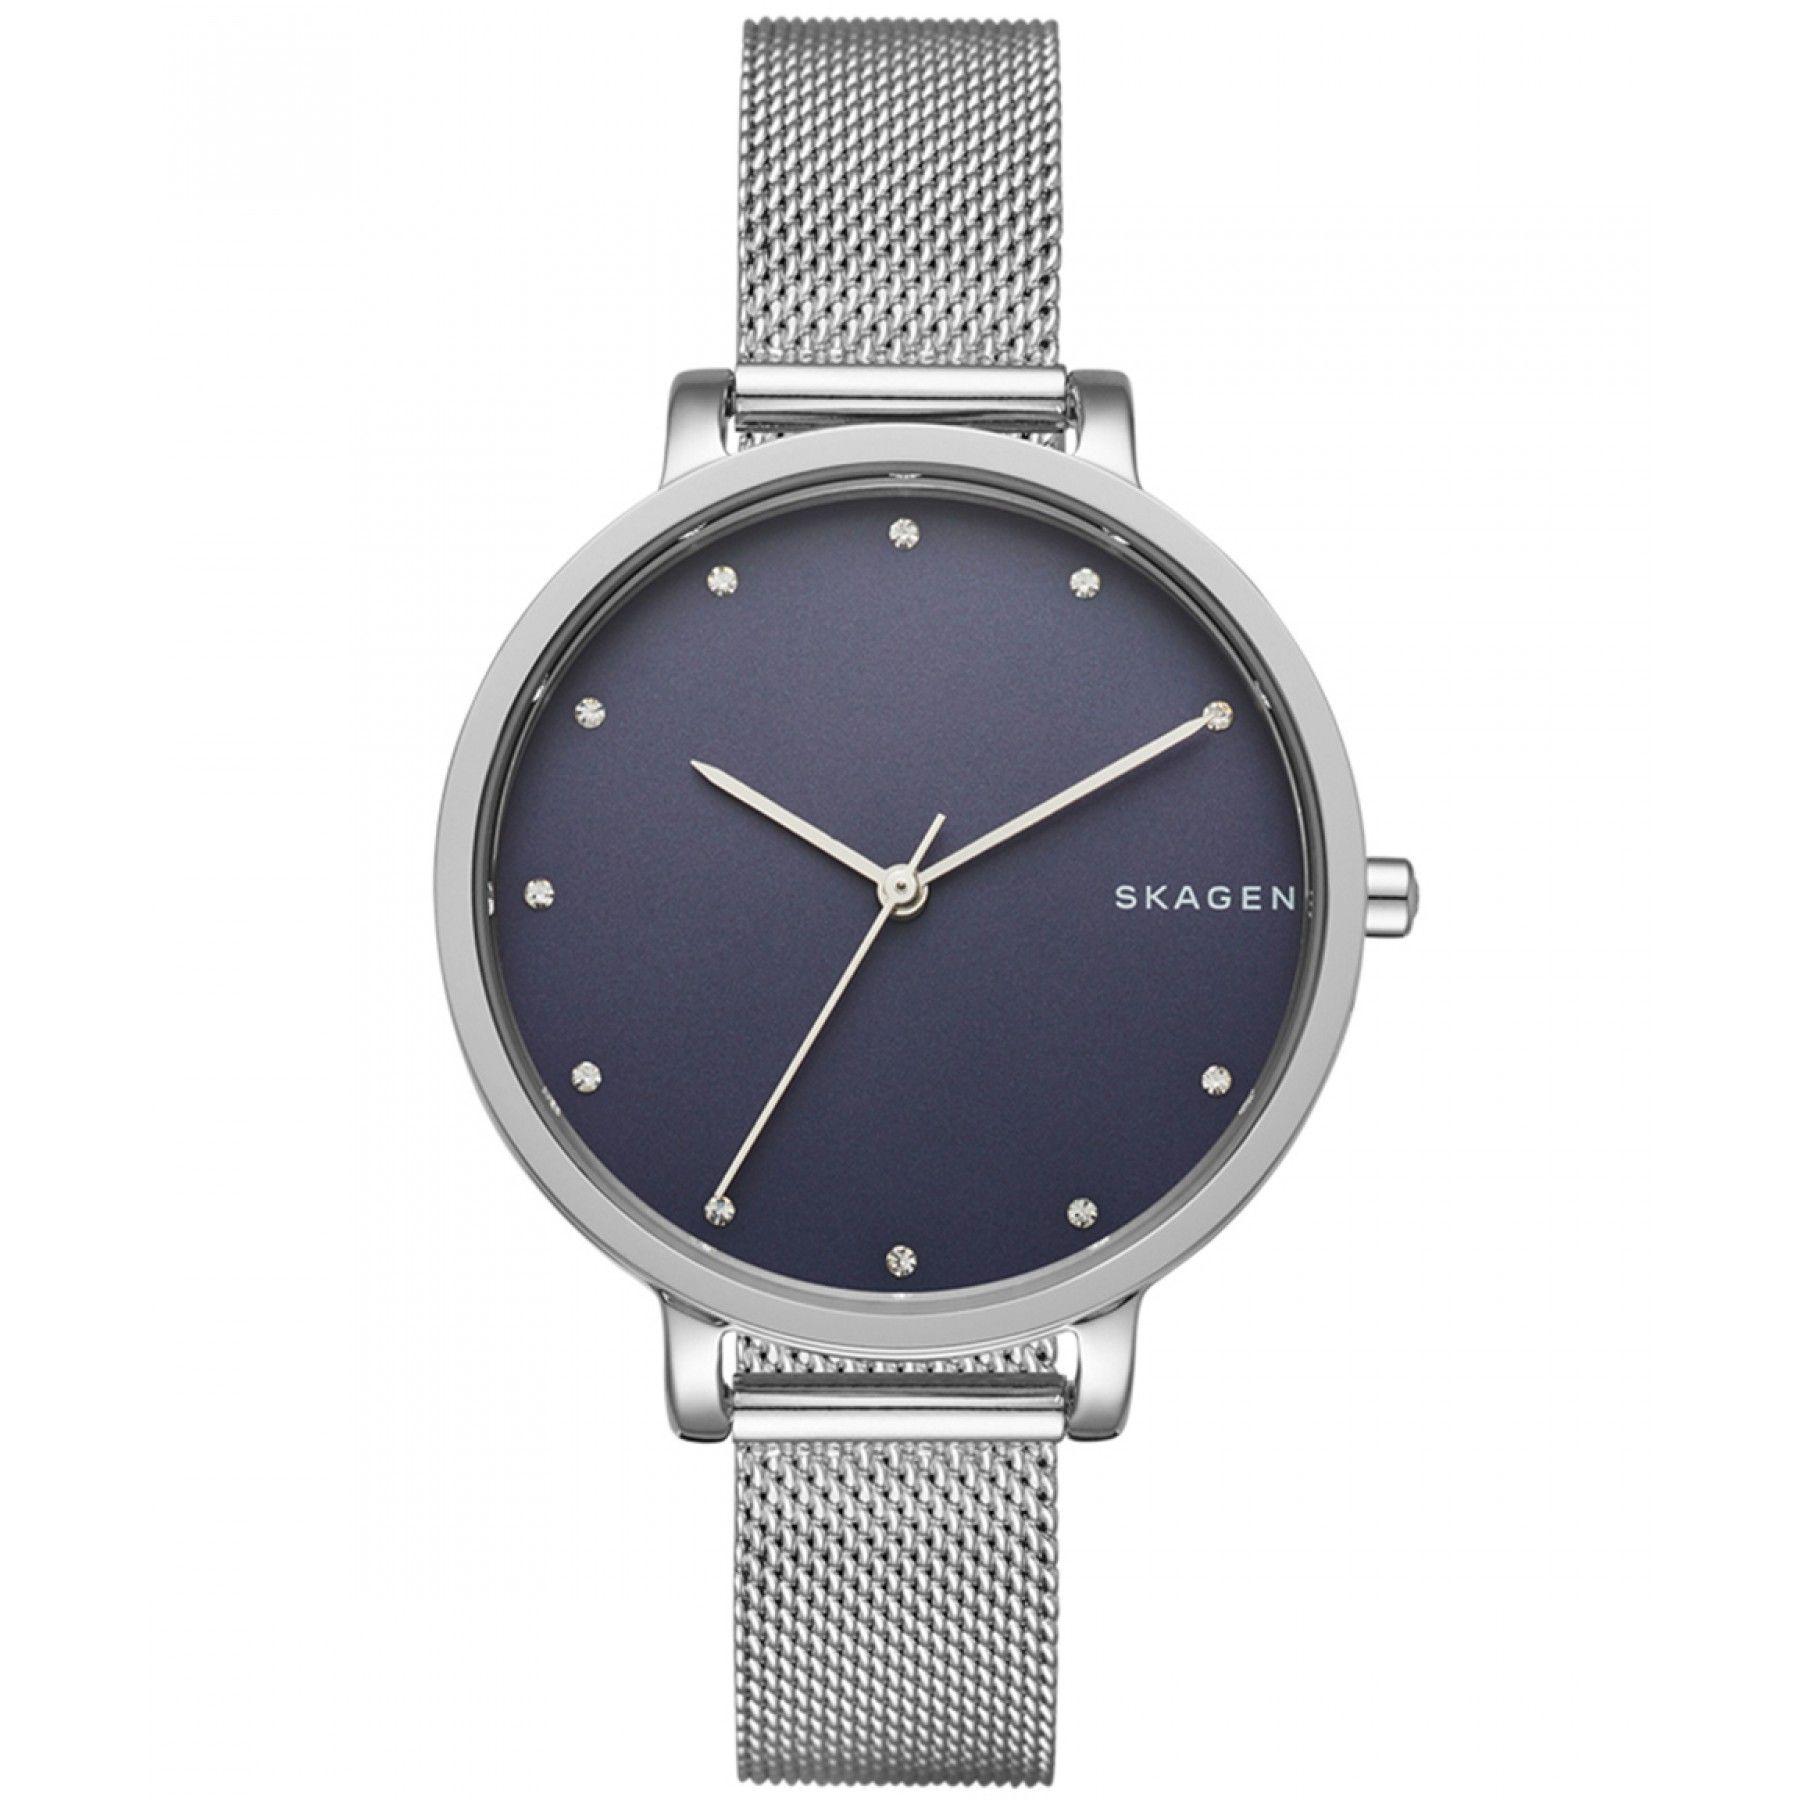 Reloj Hagen Mujer Accesorios Reloj Bisel Y Relojes Skagen